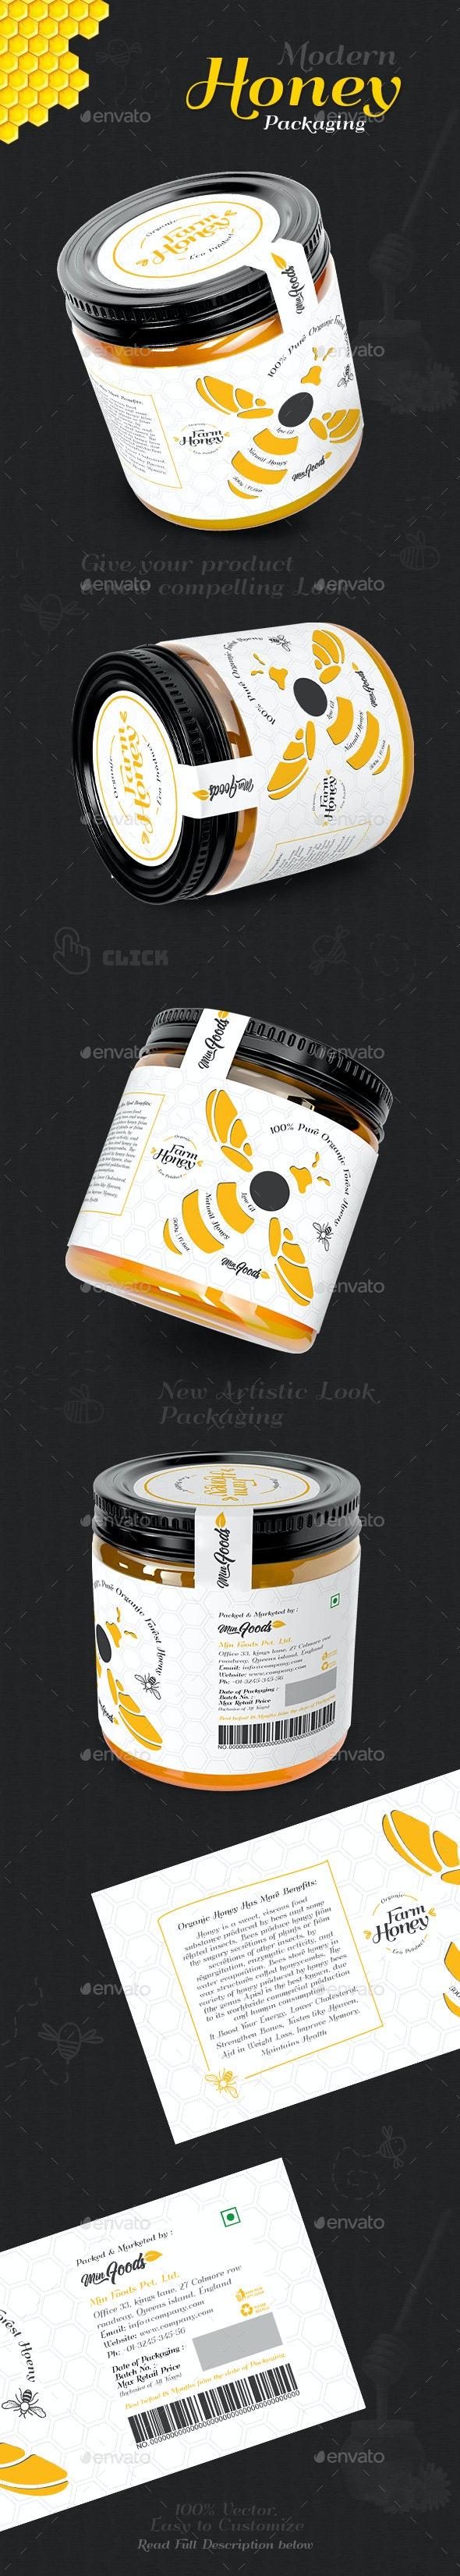 Modern Honey Packaging - Packaging Print Templates